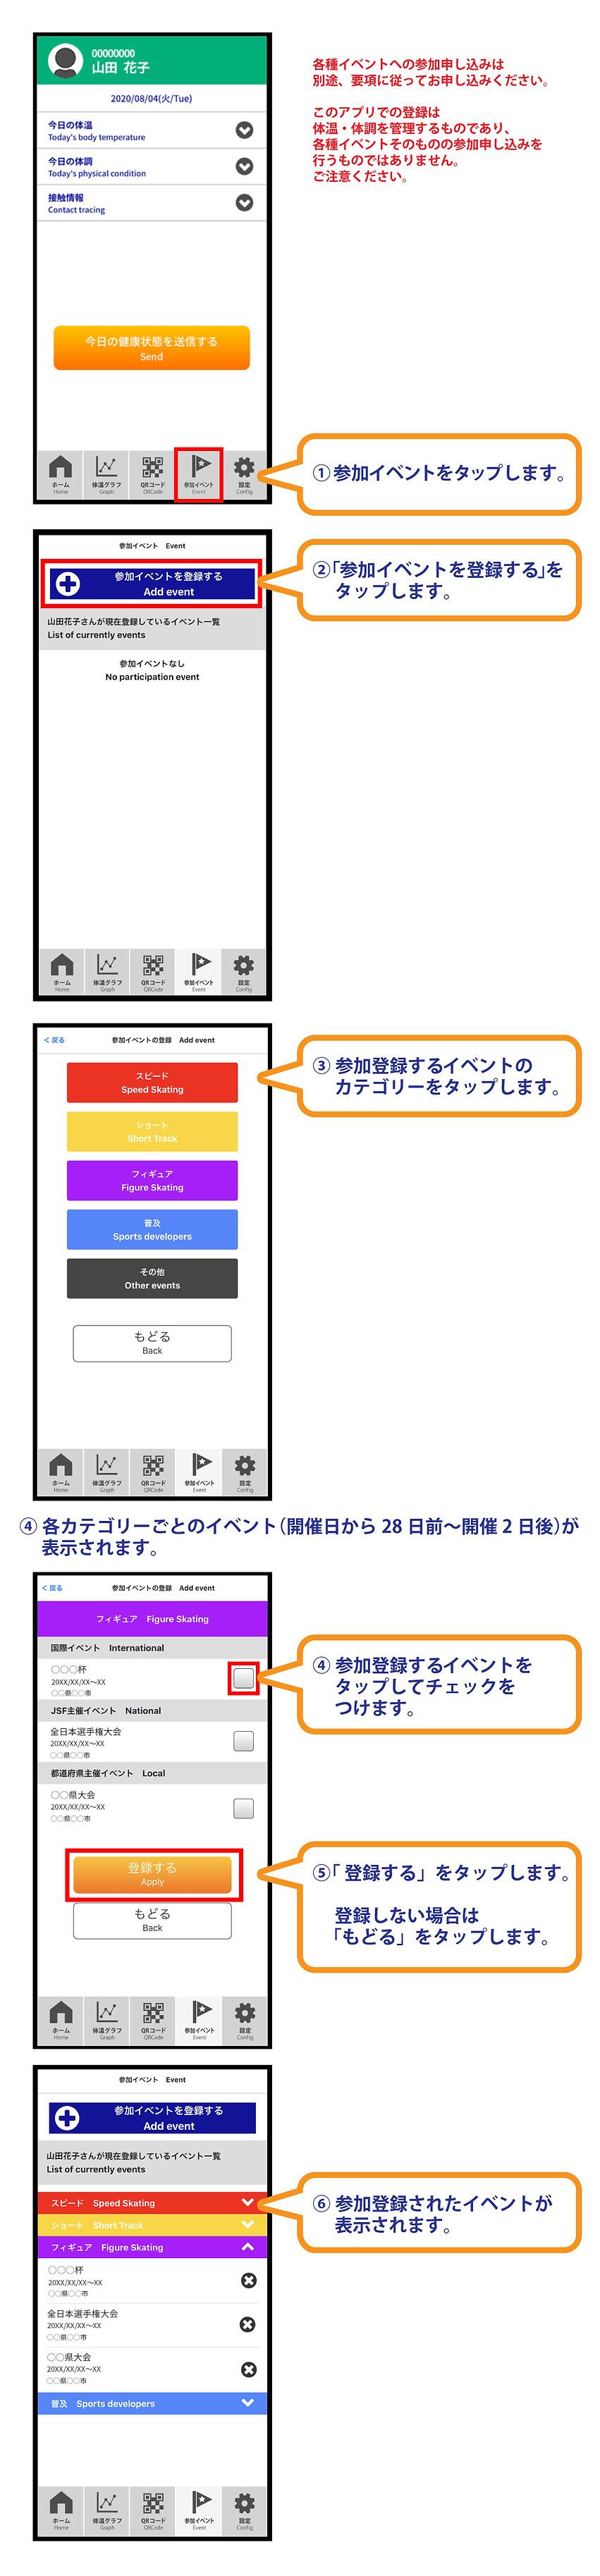 11_参加登録.jpg